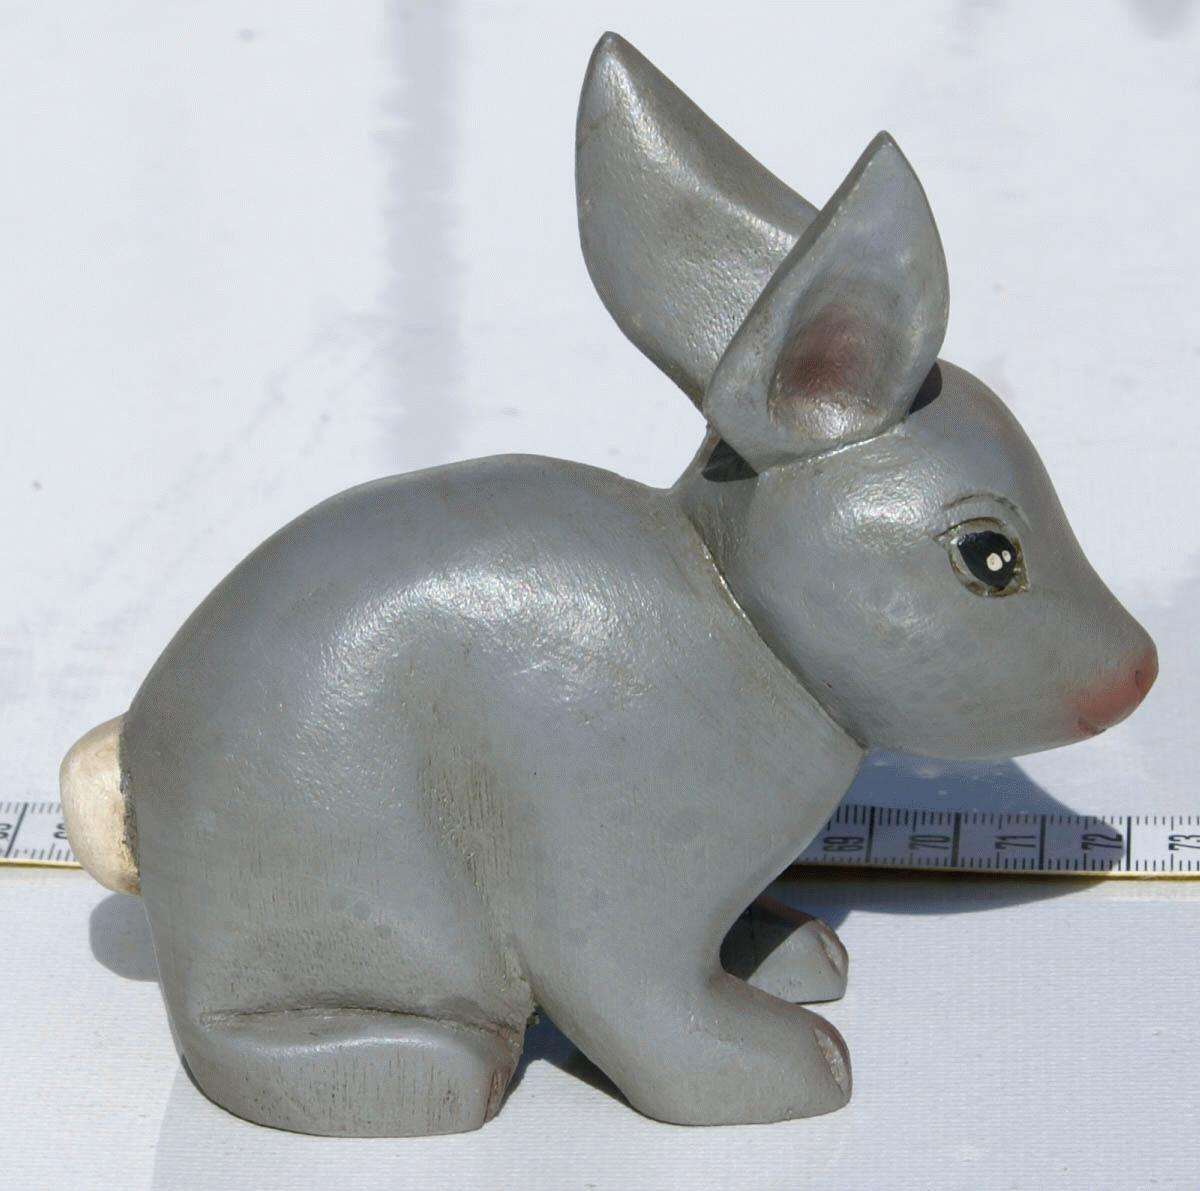 graue kaninchen national handwerk von ecuador zu verkaufen. Black Bedroom Furniture Sets. Home Design Ideas